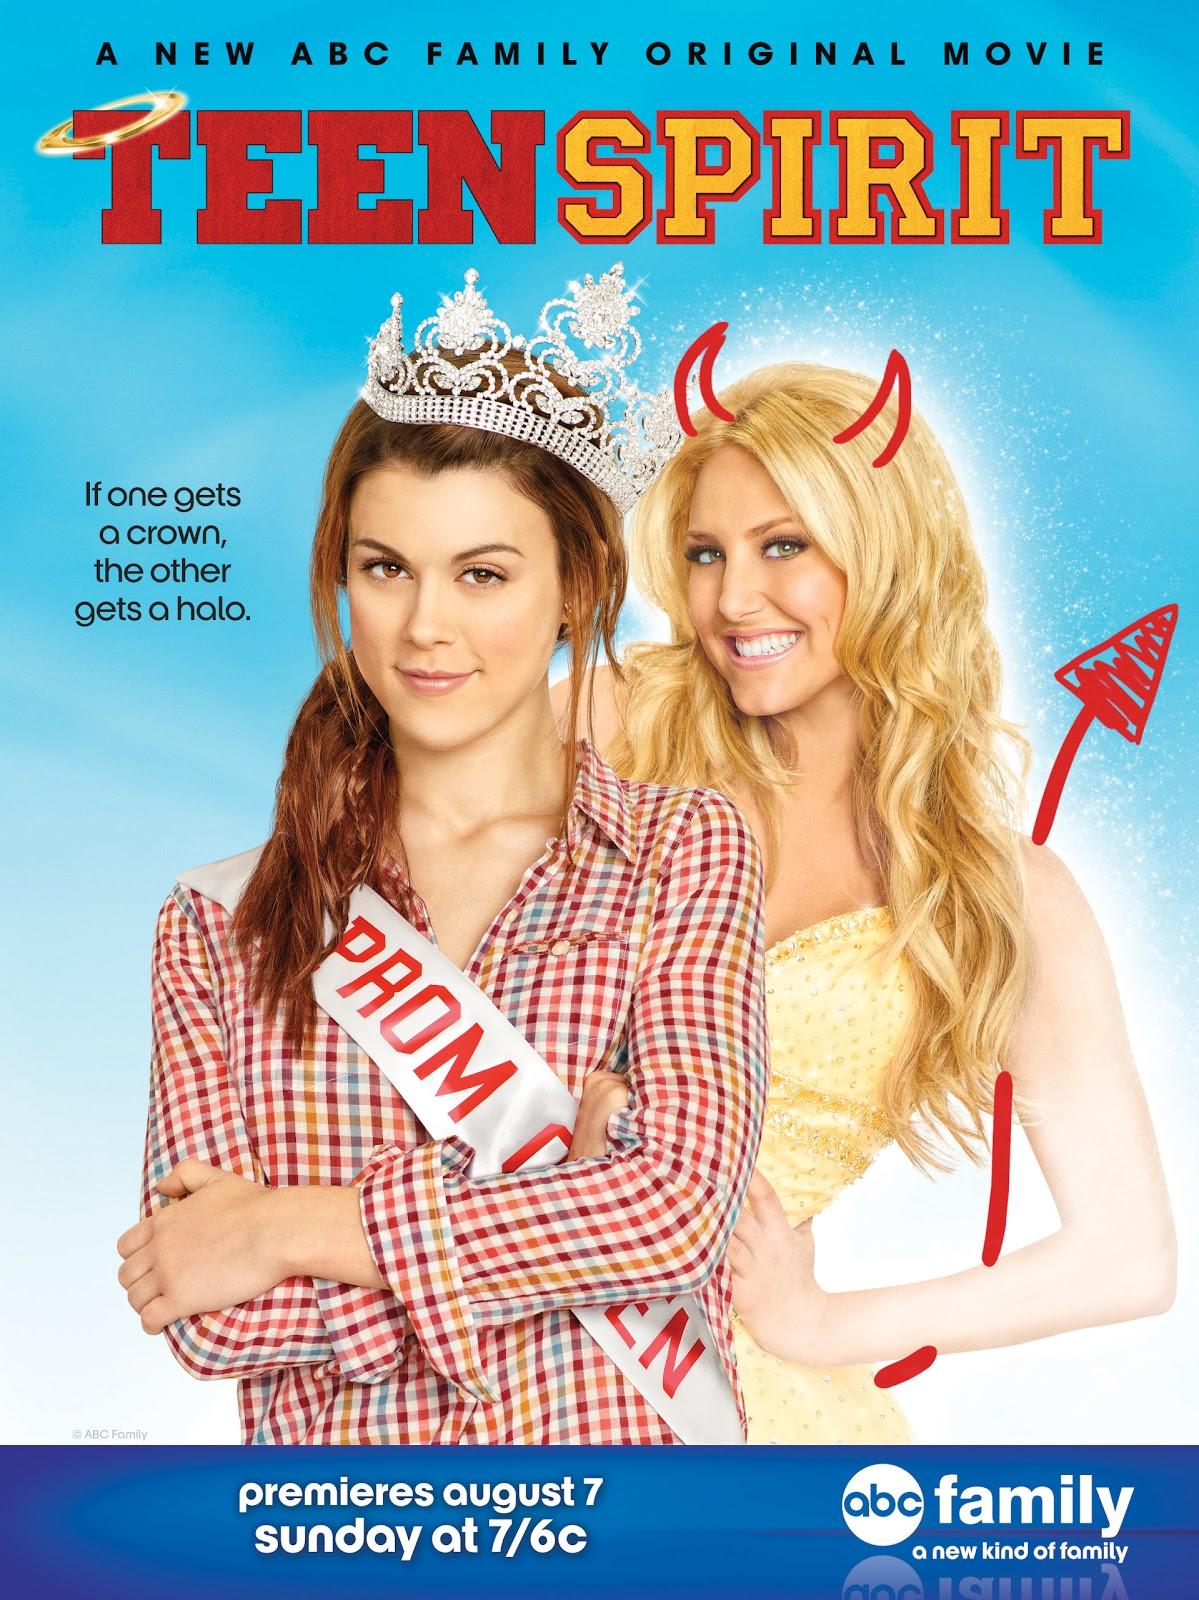 Teen Spirit movie